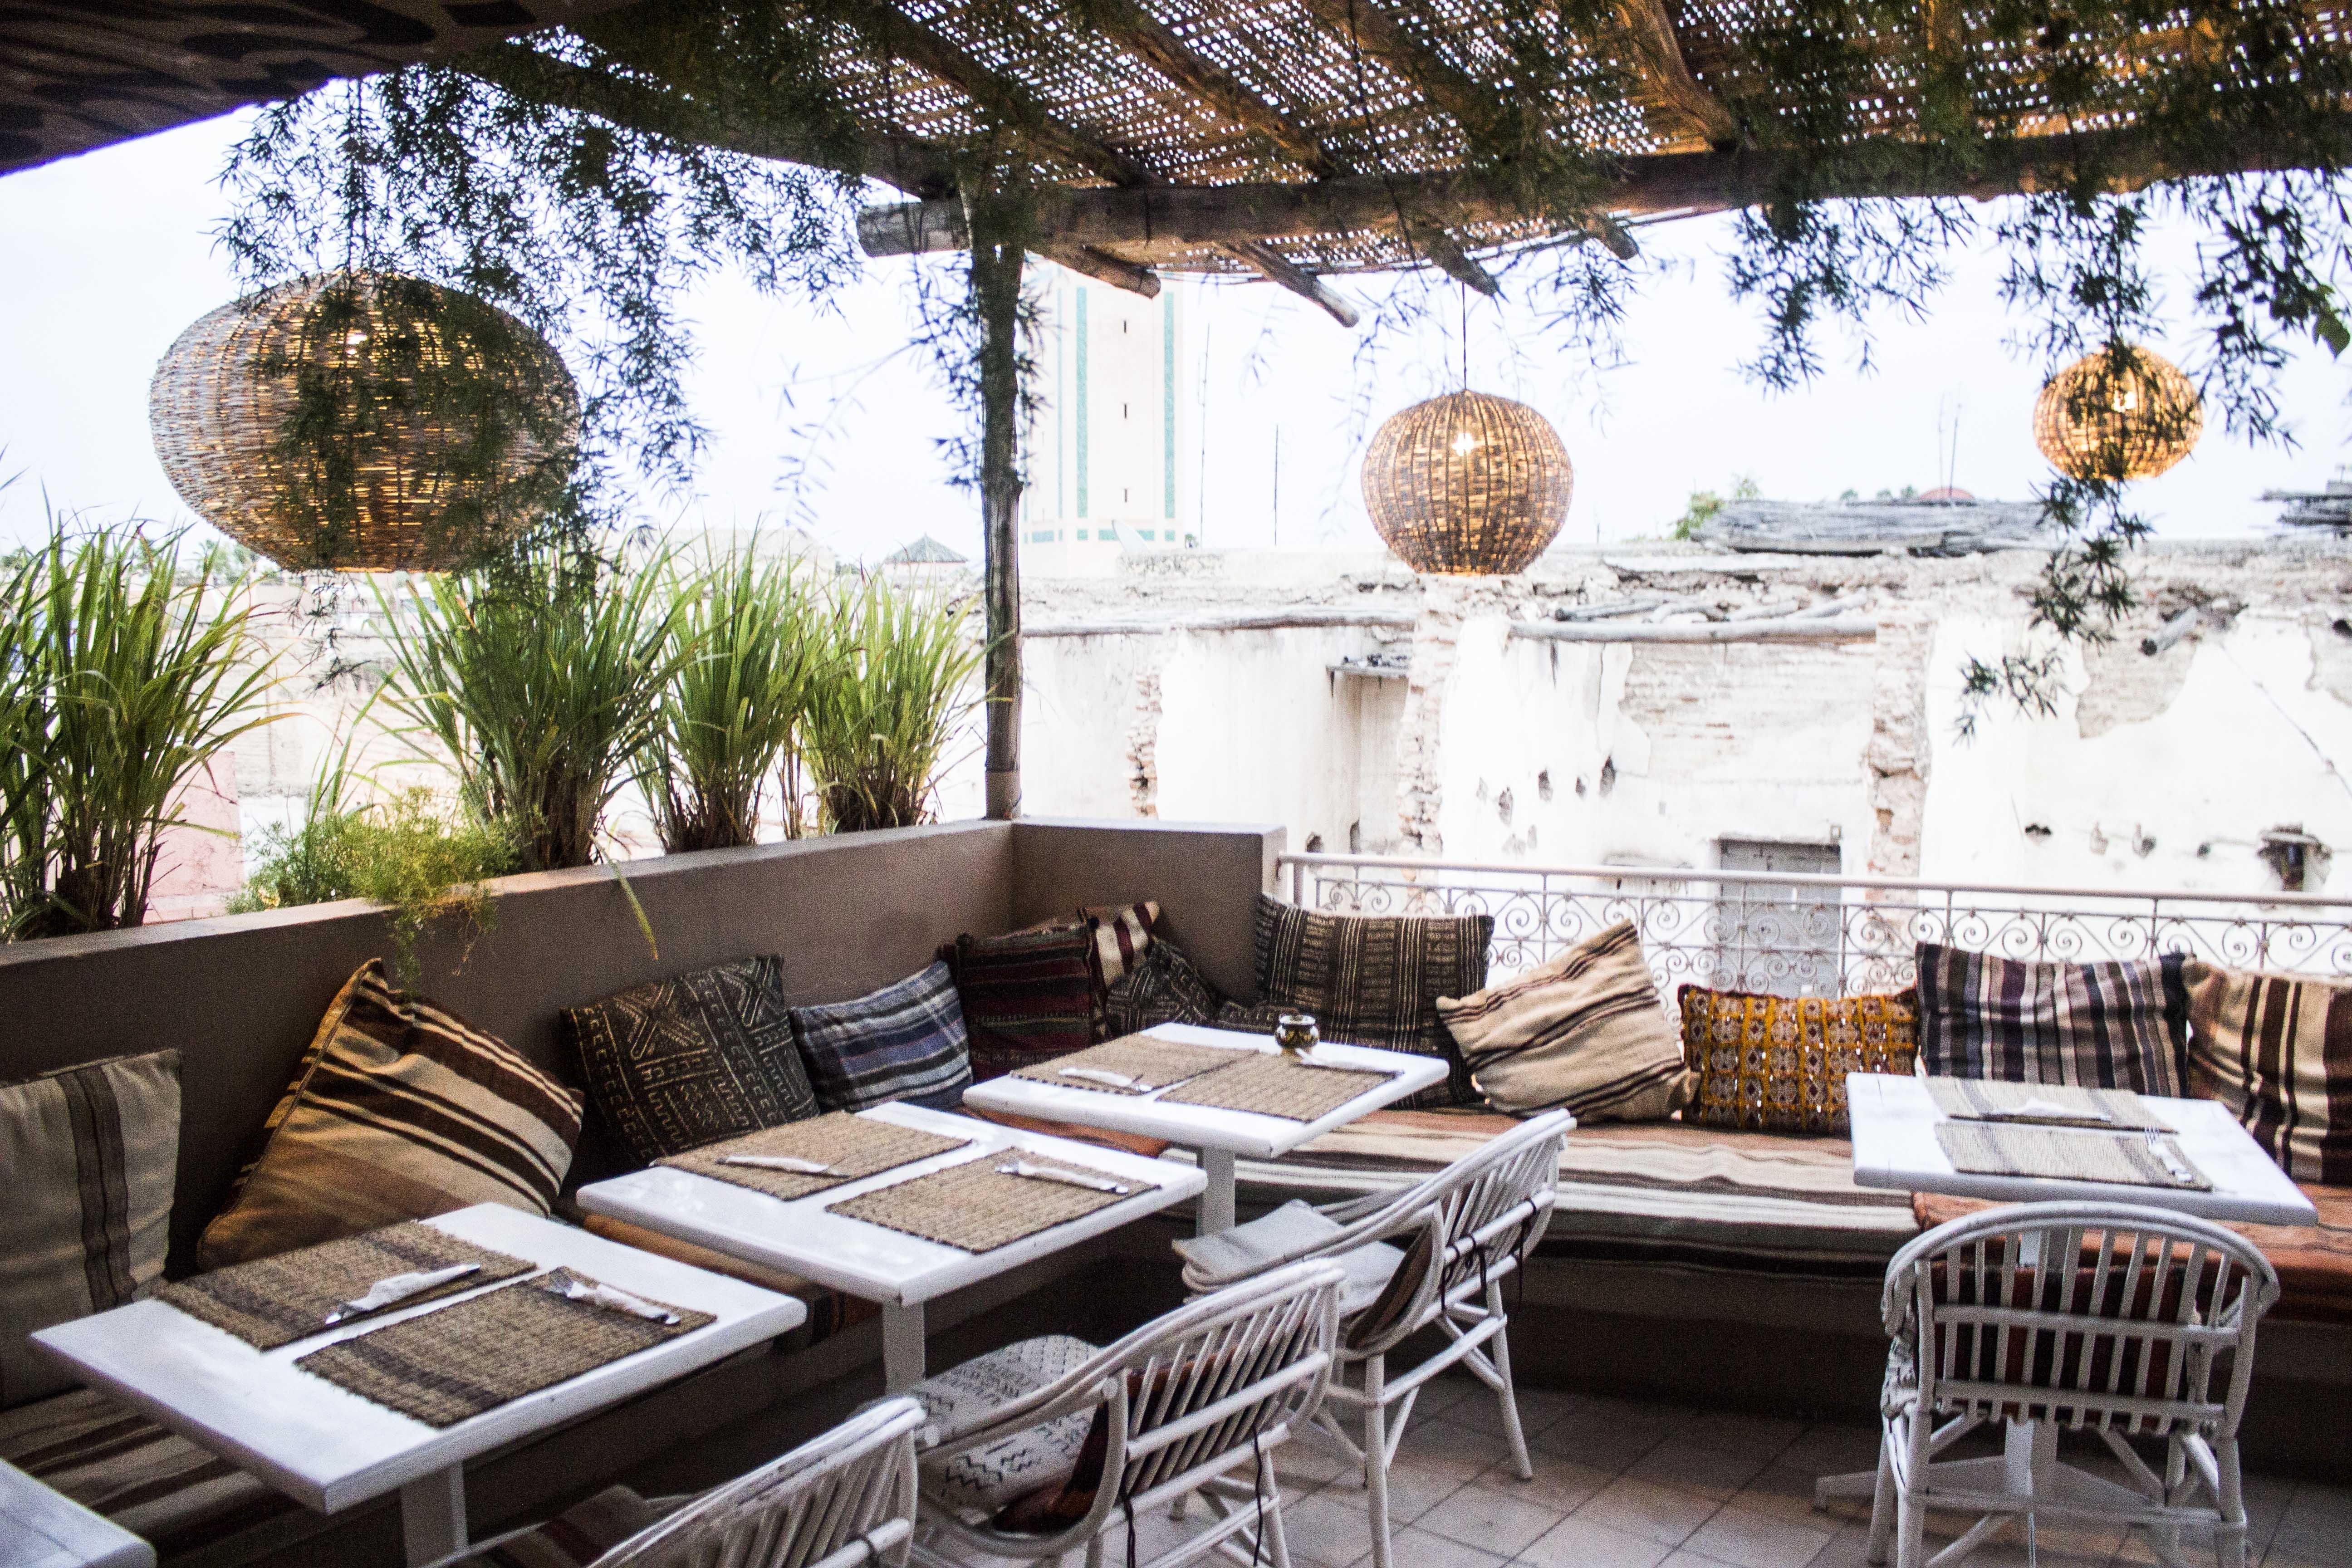 Mes adresses pour bien manger a marrakech curvy blue marine for Le jardin 32 route sidi abdelaziz marrakech 40000